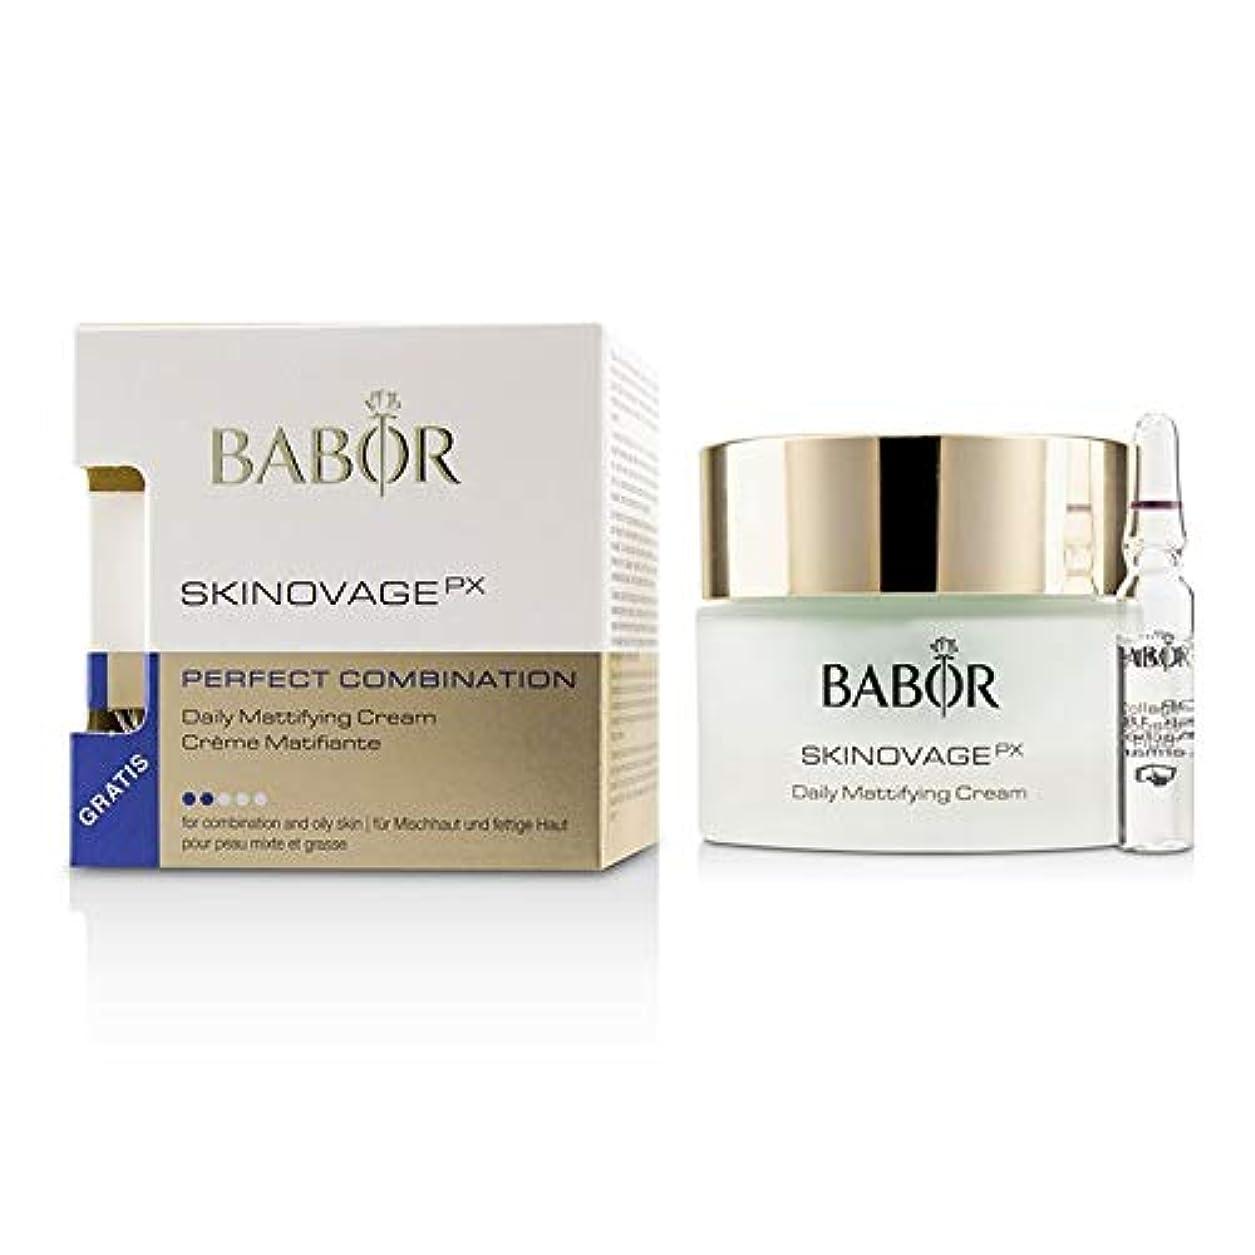 寛解キモいストラトフォードオンエイボンバボール Skinovage PX Perfect Combination Daily Mattifying Cream (with Free Collagen Booster Fluid 2ml) - For Combination...